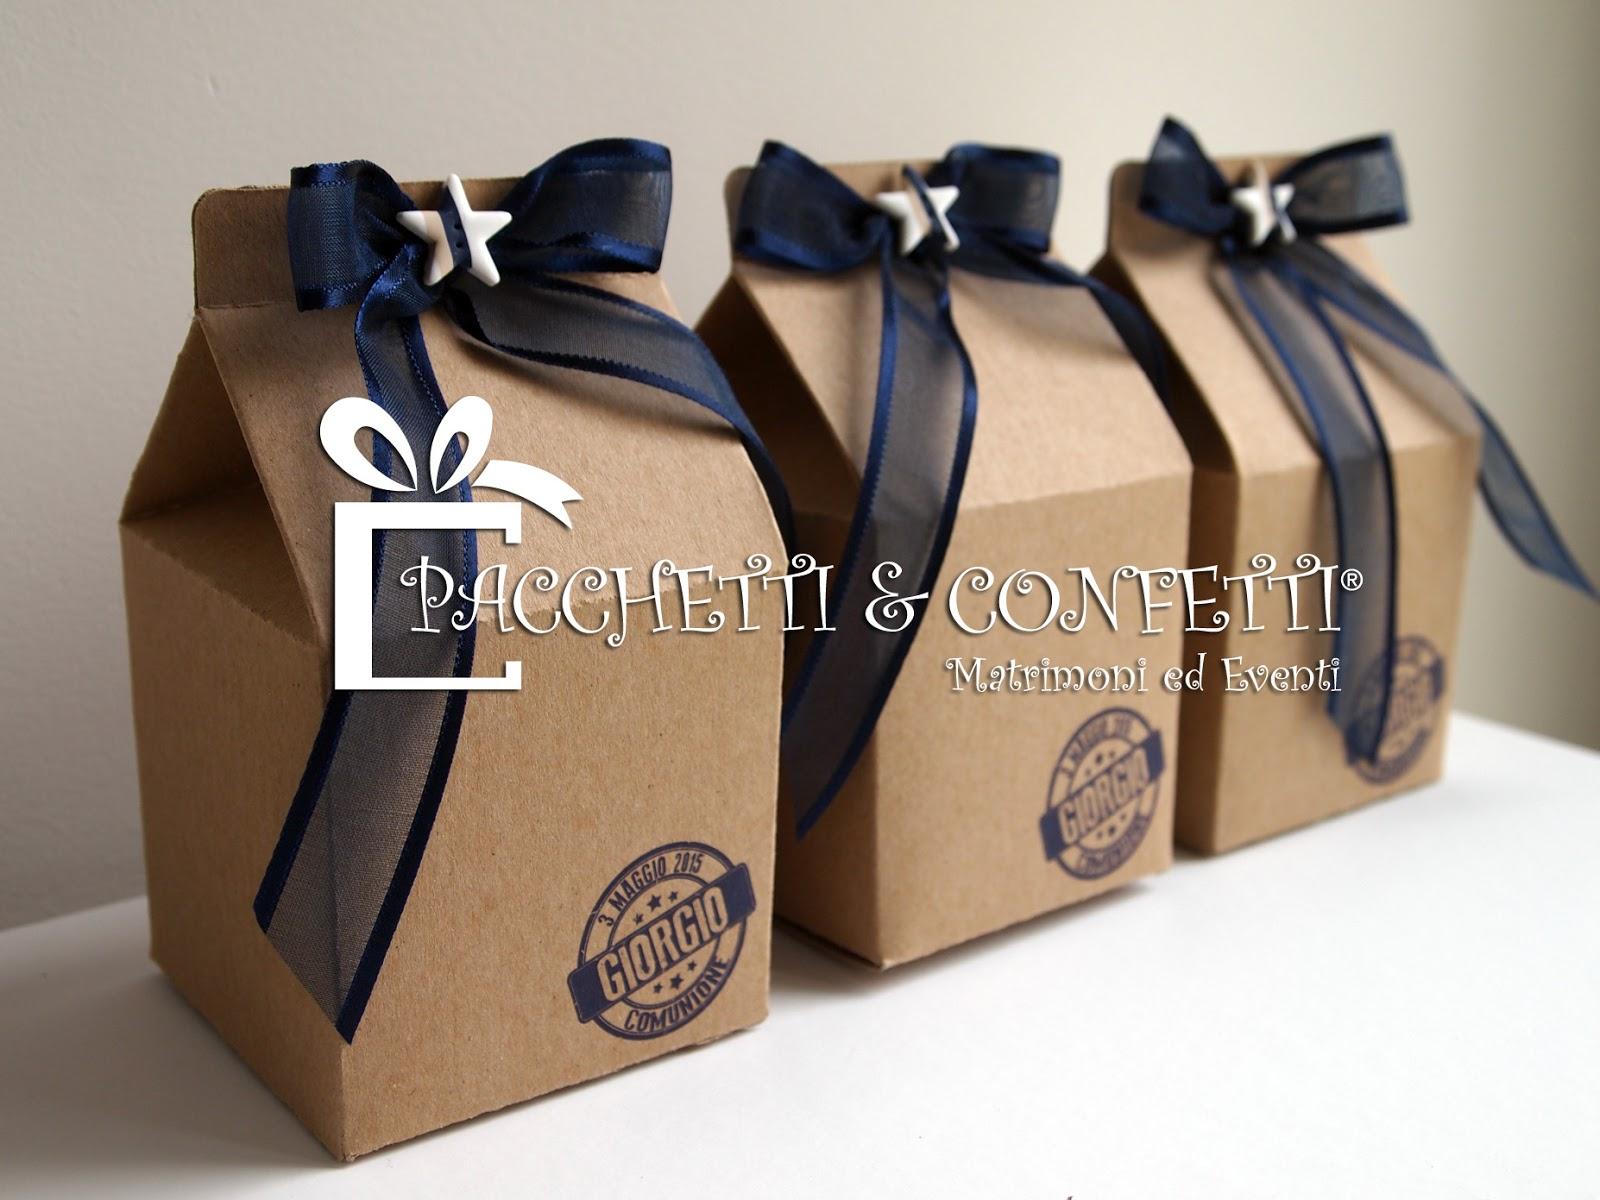 Conosciuto Pacchetti e Confetti: Bomboniere con bulbi: Milk Box per Comunione HT05